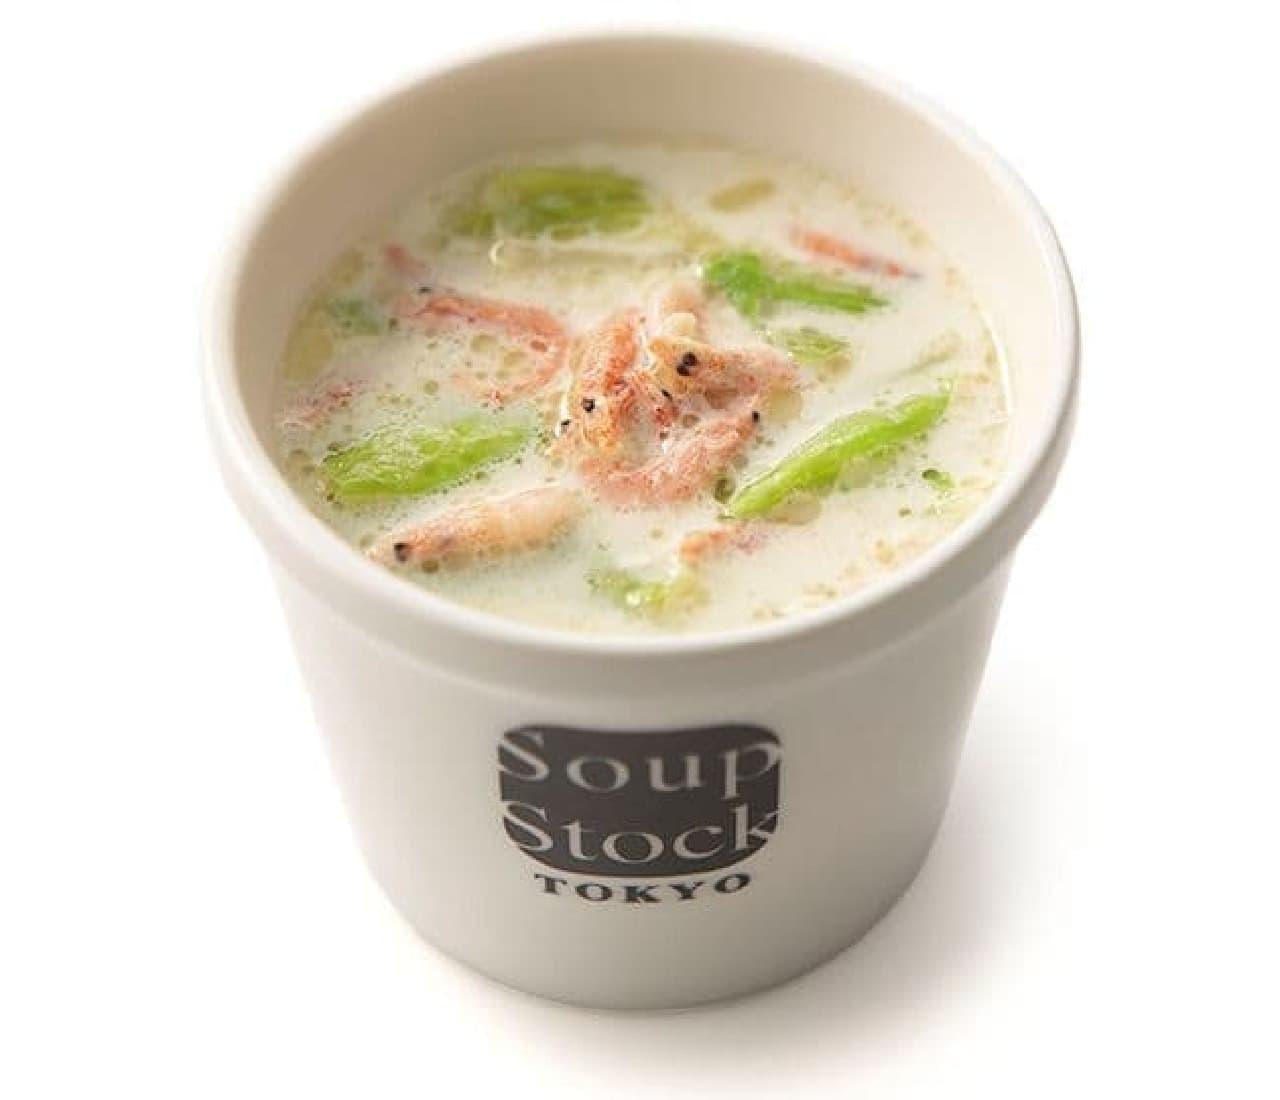 スープストックトーキョー「駿河湾産桜海老のクリームスープ」